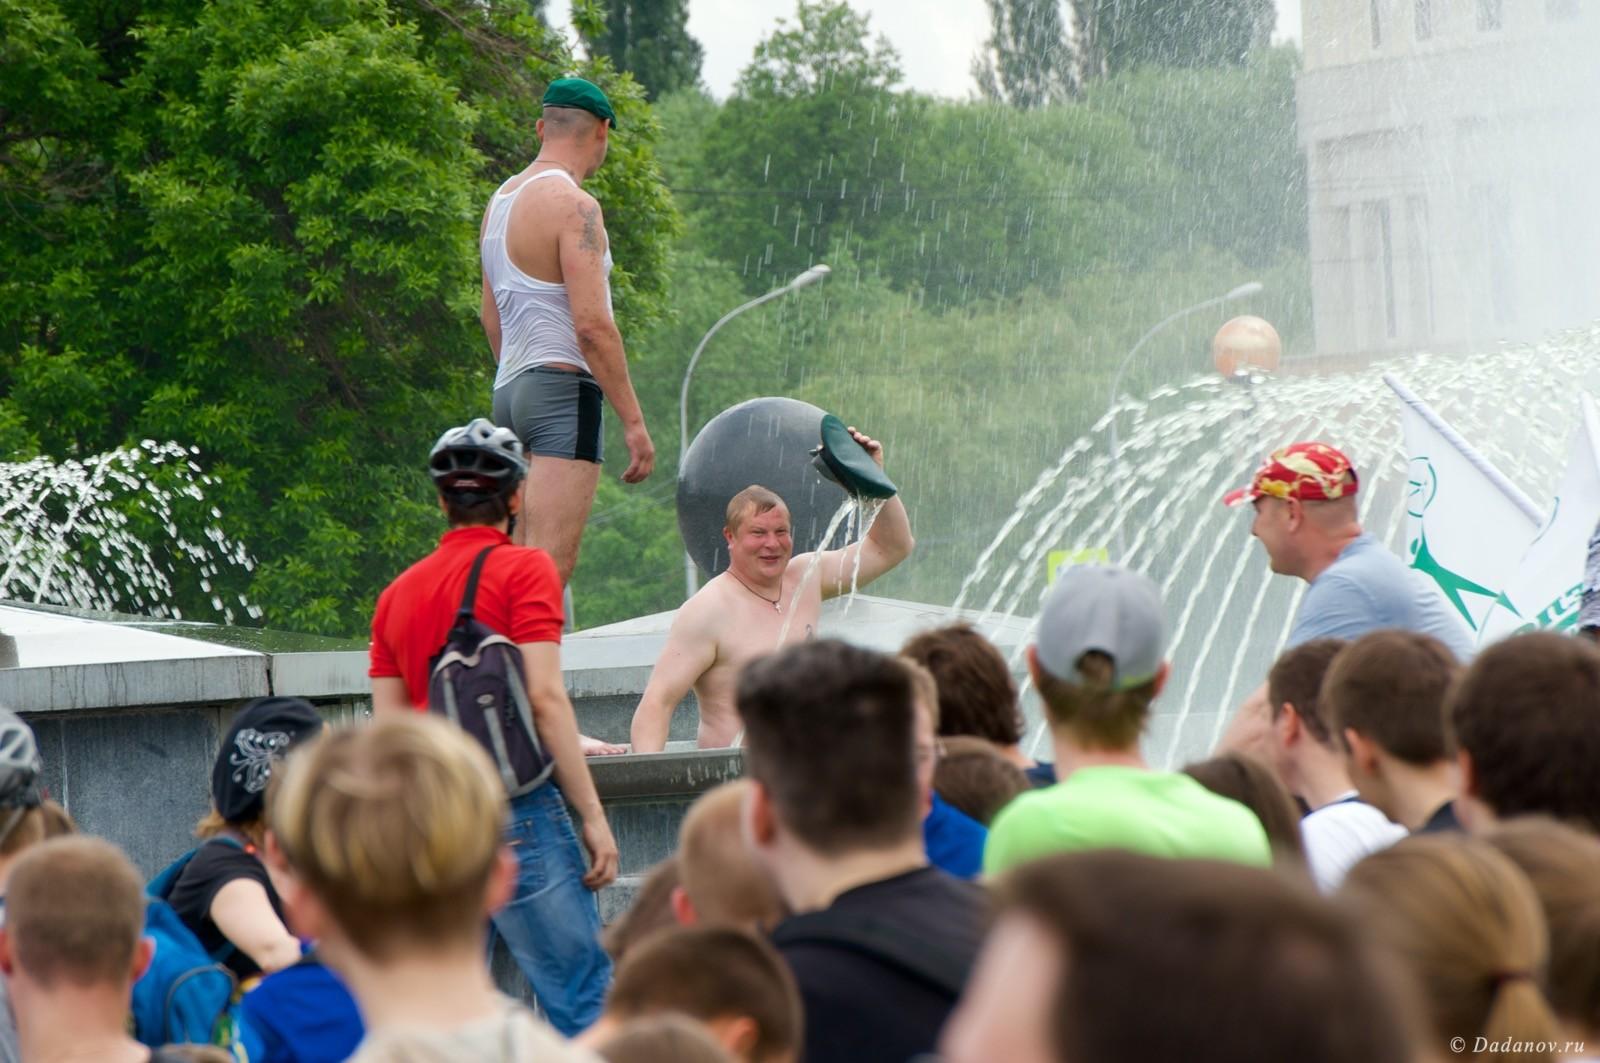 Велодень 2016 в Липецке состоялся. Фотографии с мероприятия 3076